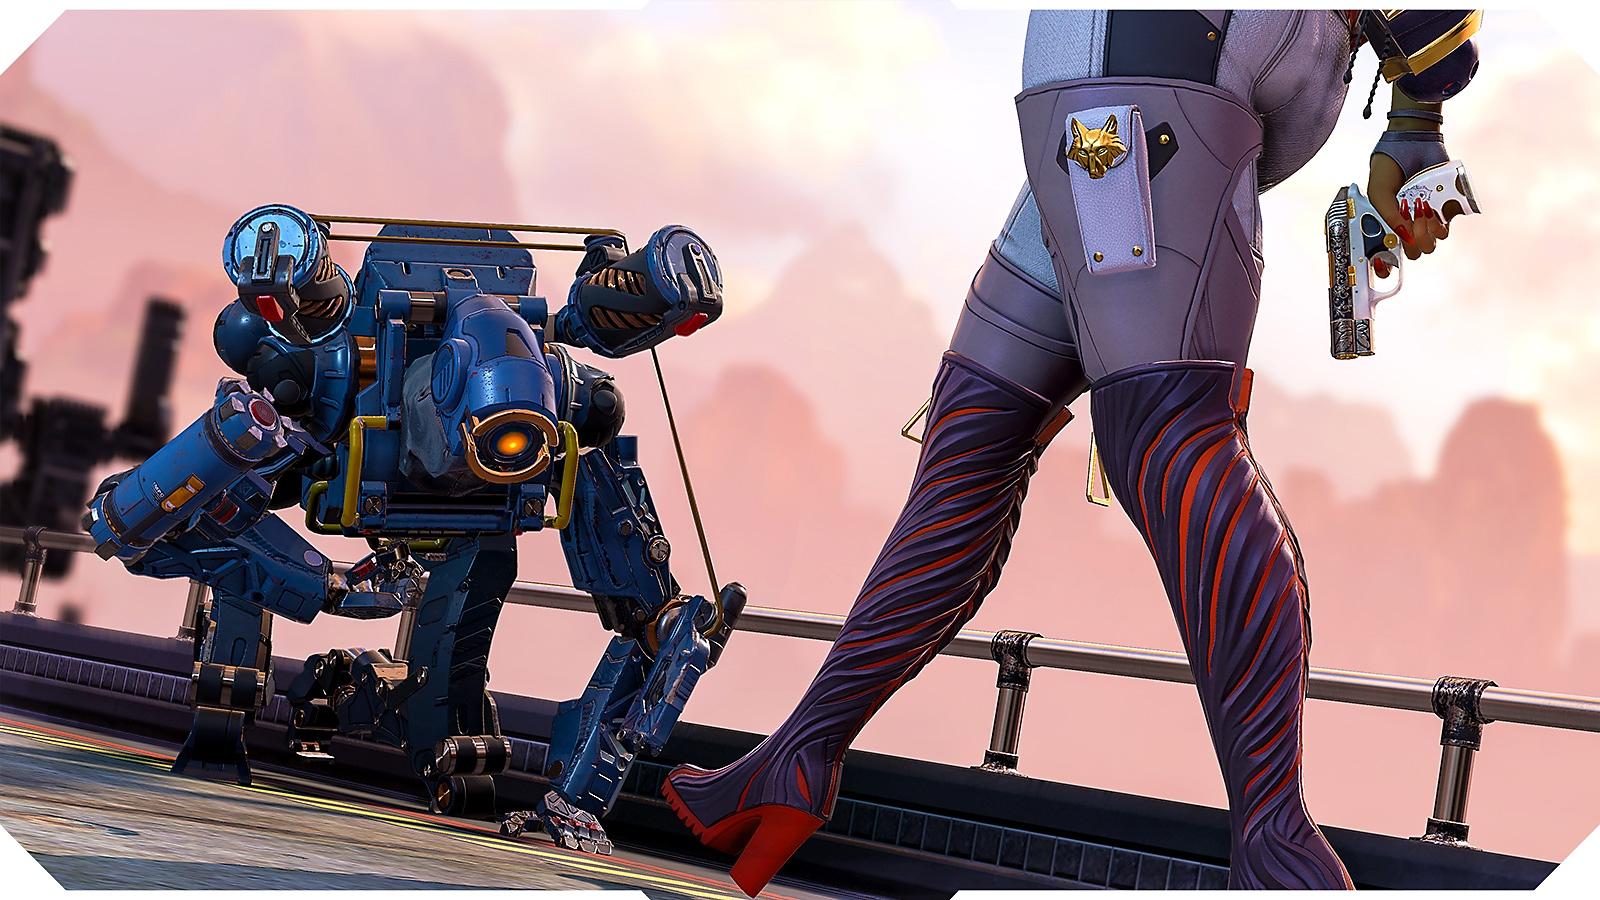 Apex Legends screenshot showing Pathfinder on the floor